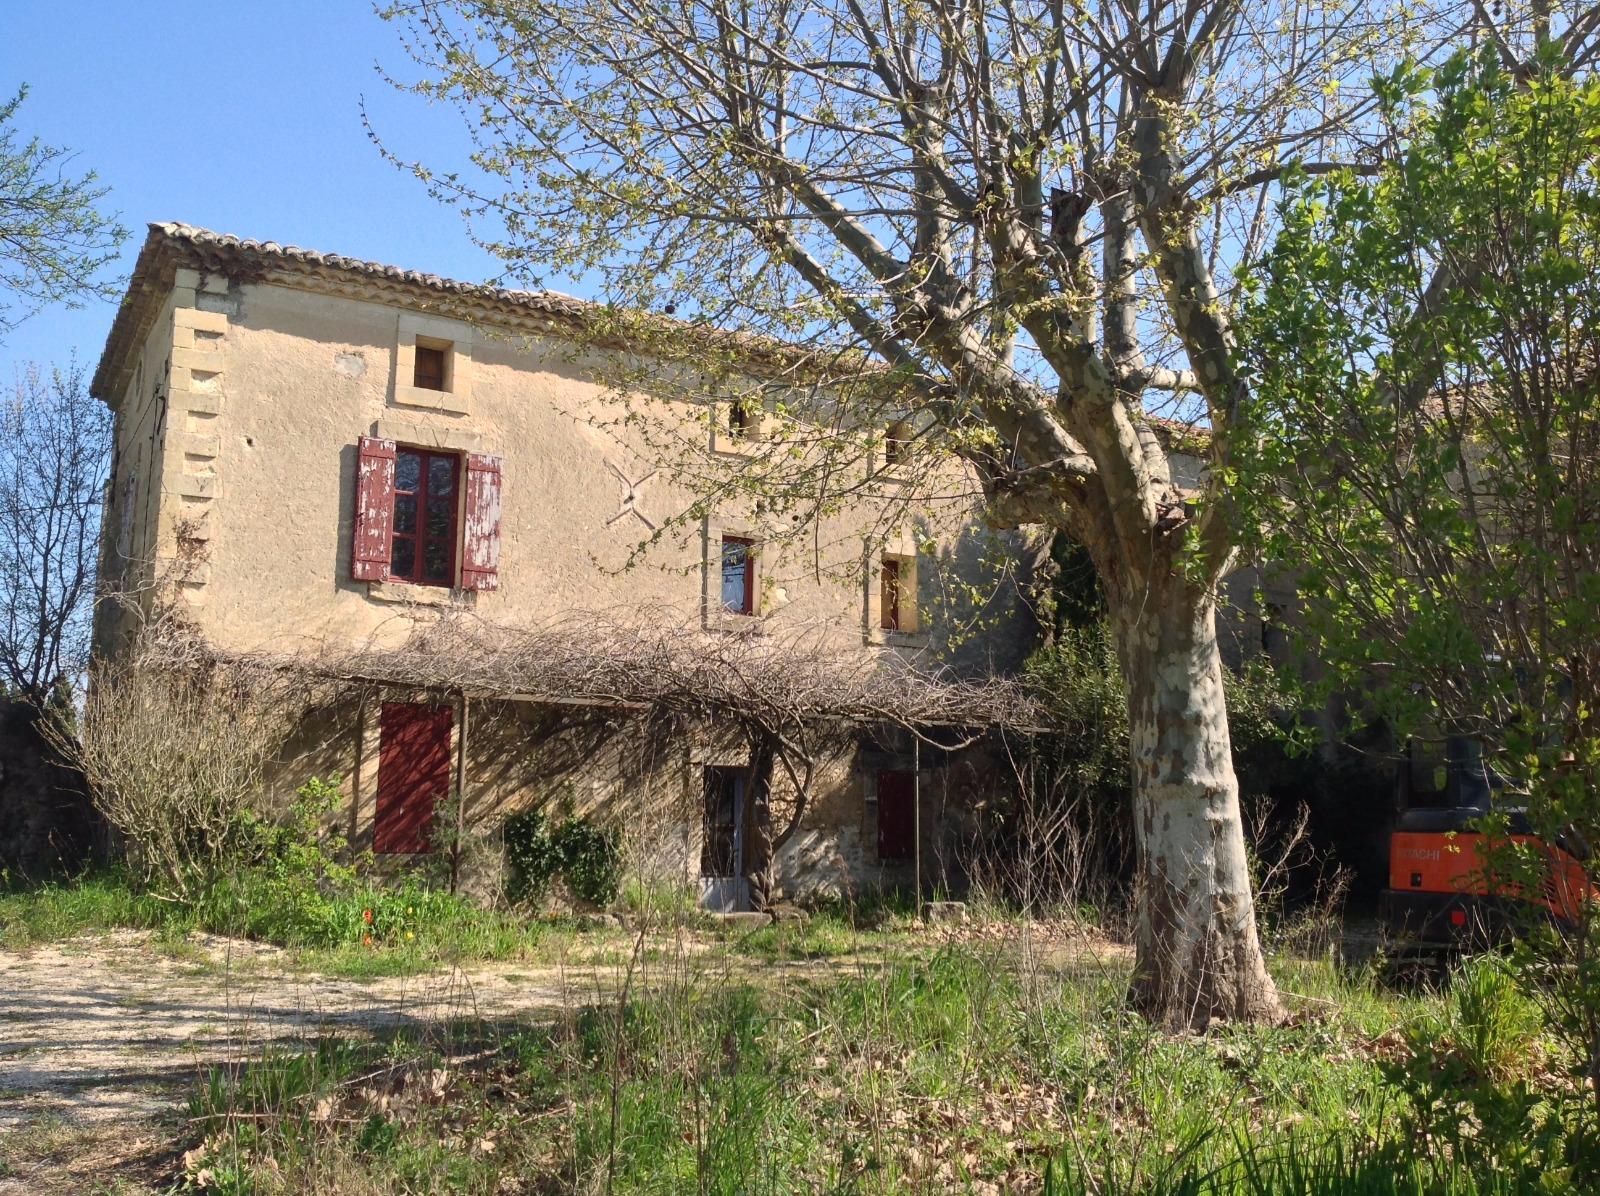 Vente vente maison uzes for Acheter maison uzes